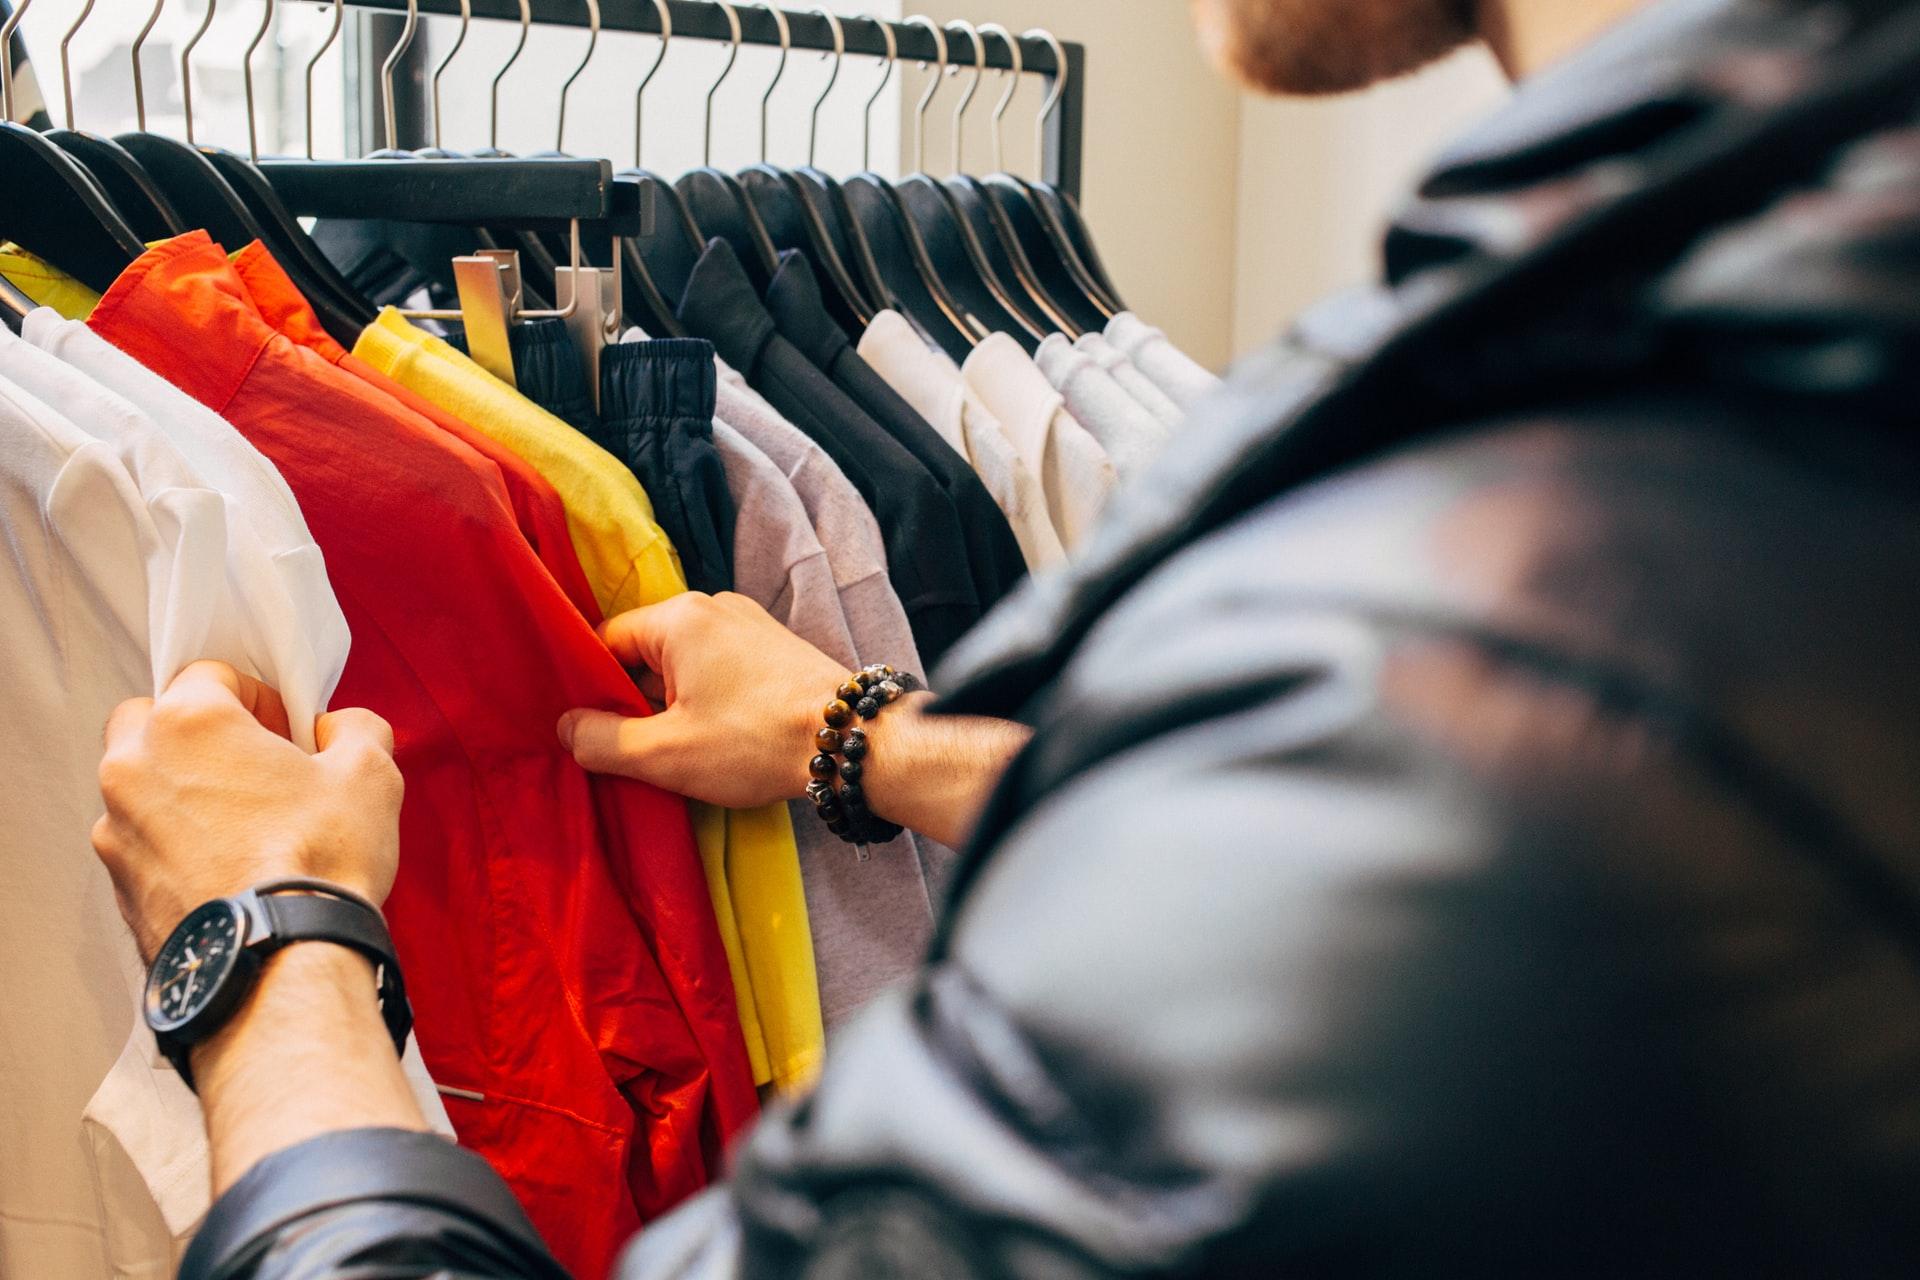 El número de personas que compran en las tiendas aumentó durante mayo